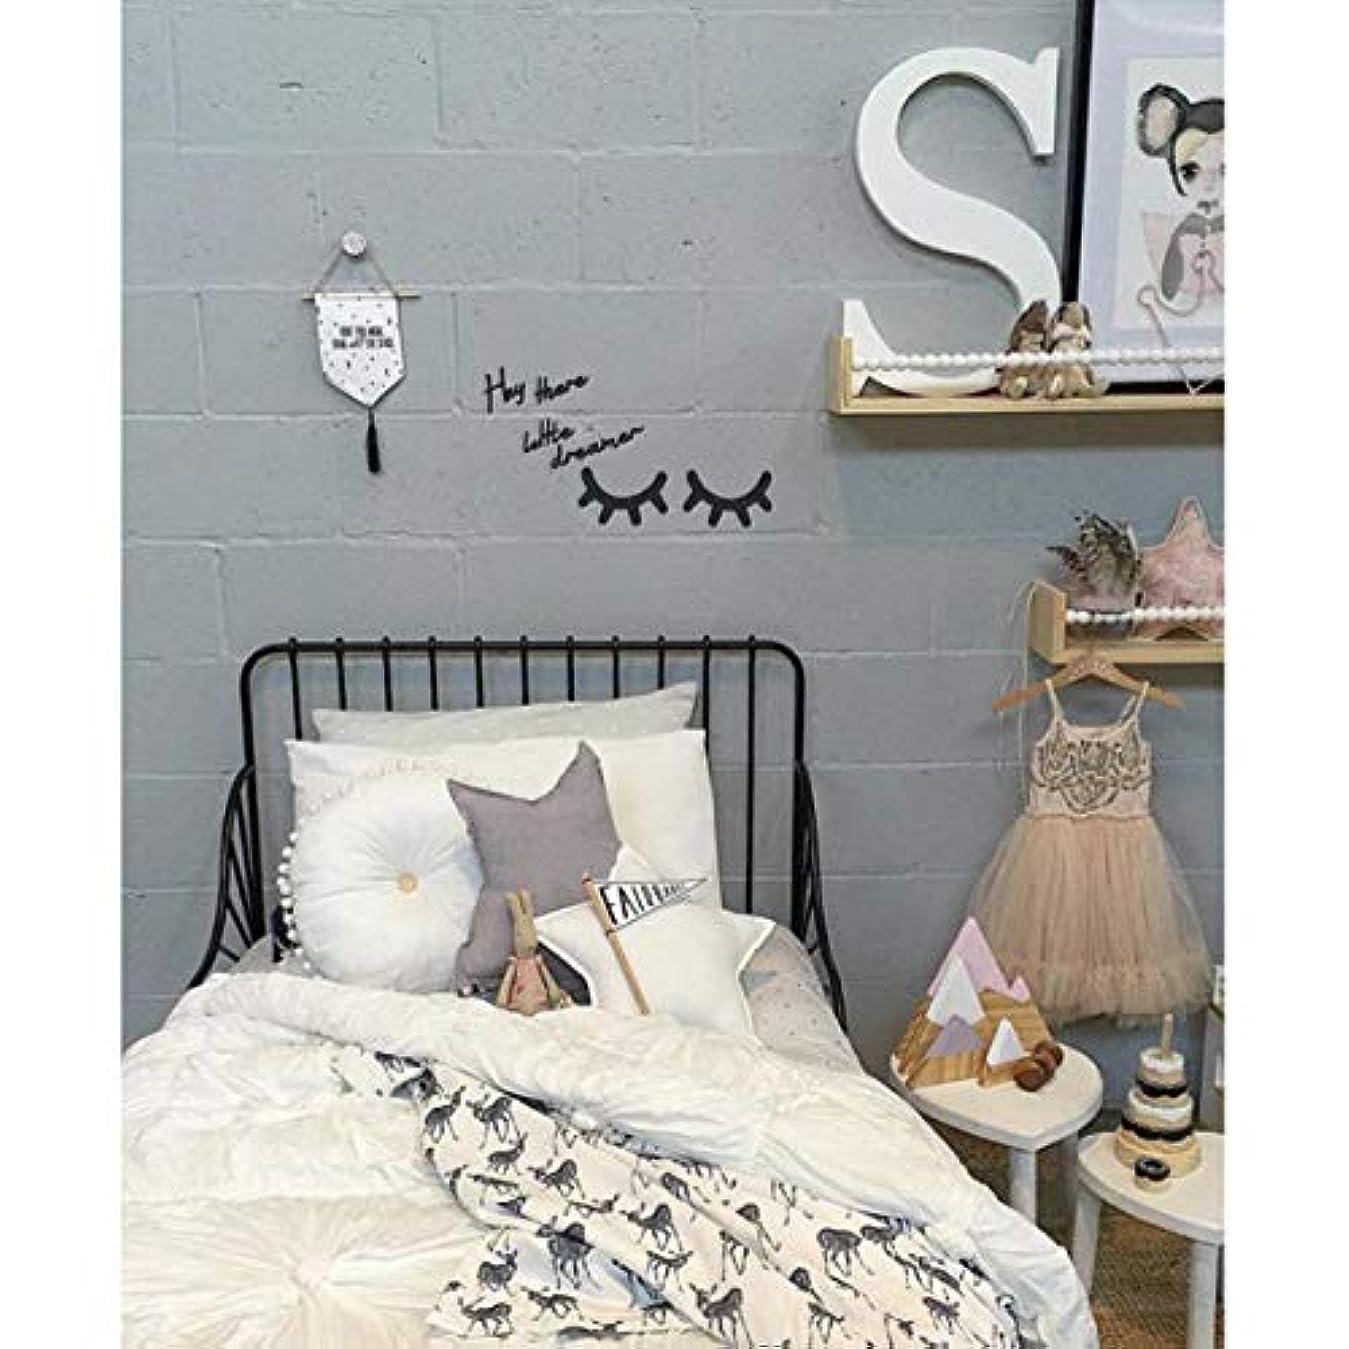 熱帯の無関心更新するVosarea キラキラ木製まつげパターンウォールステッカー用キッズパーティー寝室の背景部屋の装飾diyまつげパターンウォールステッカーブラック